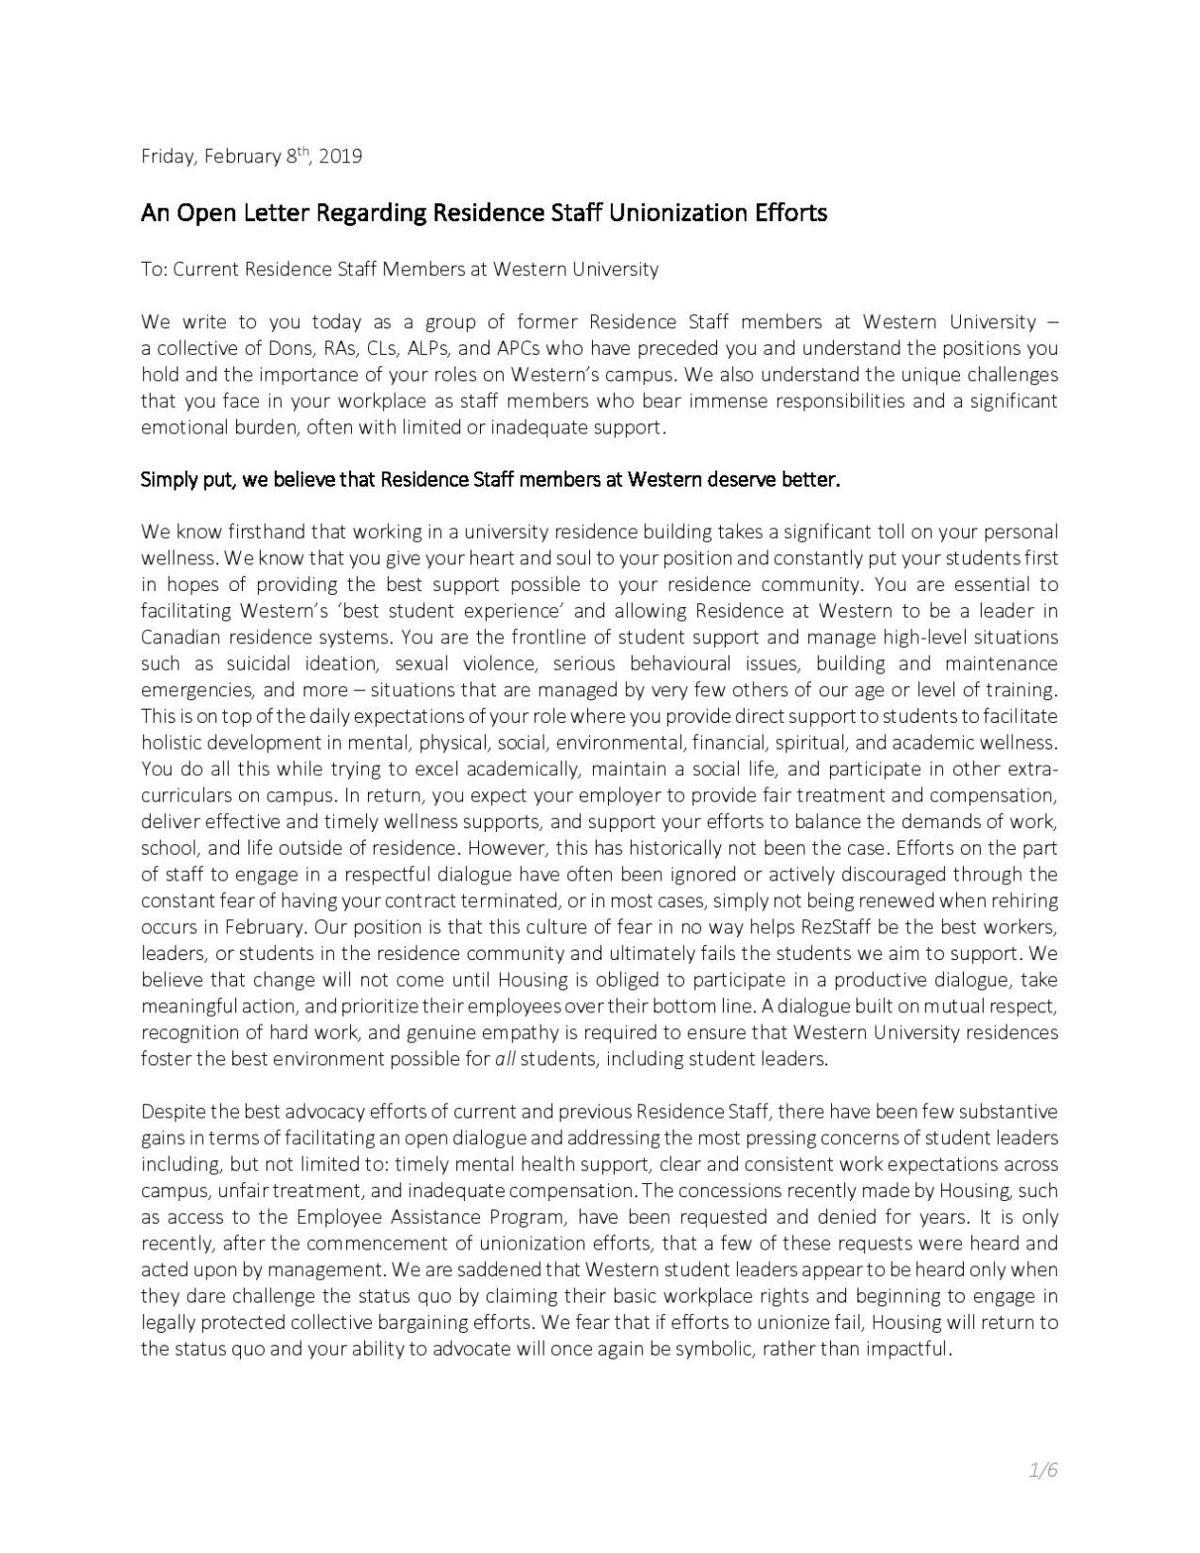 Rez staff letter (Photo 1)